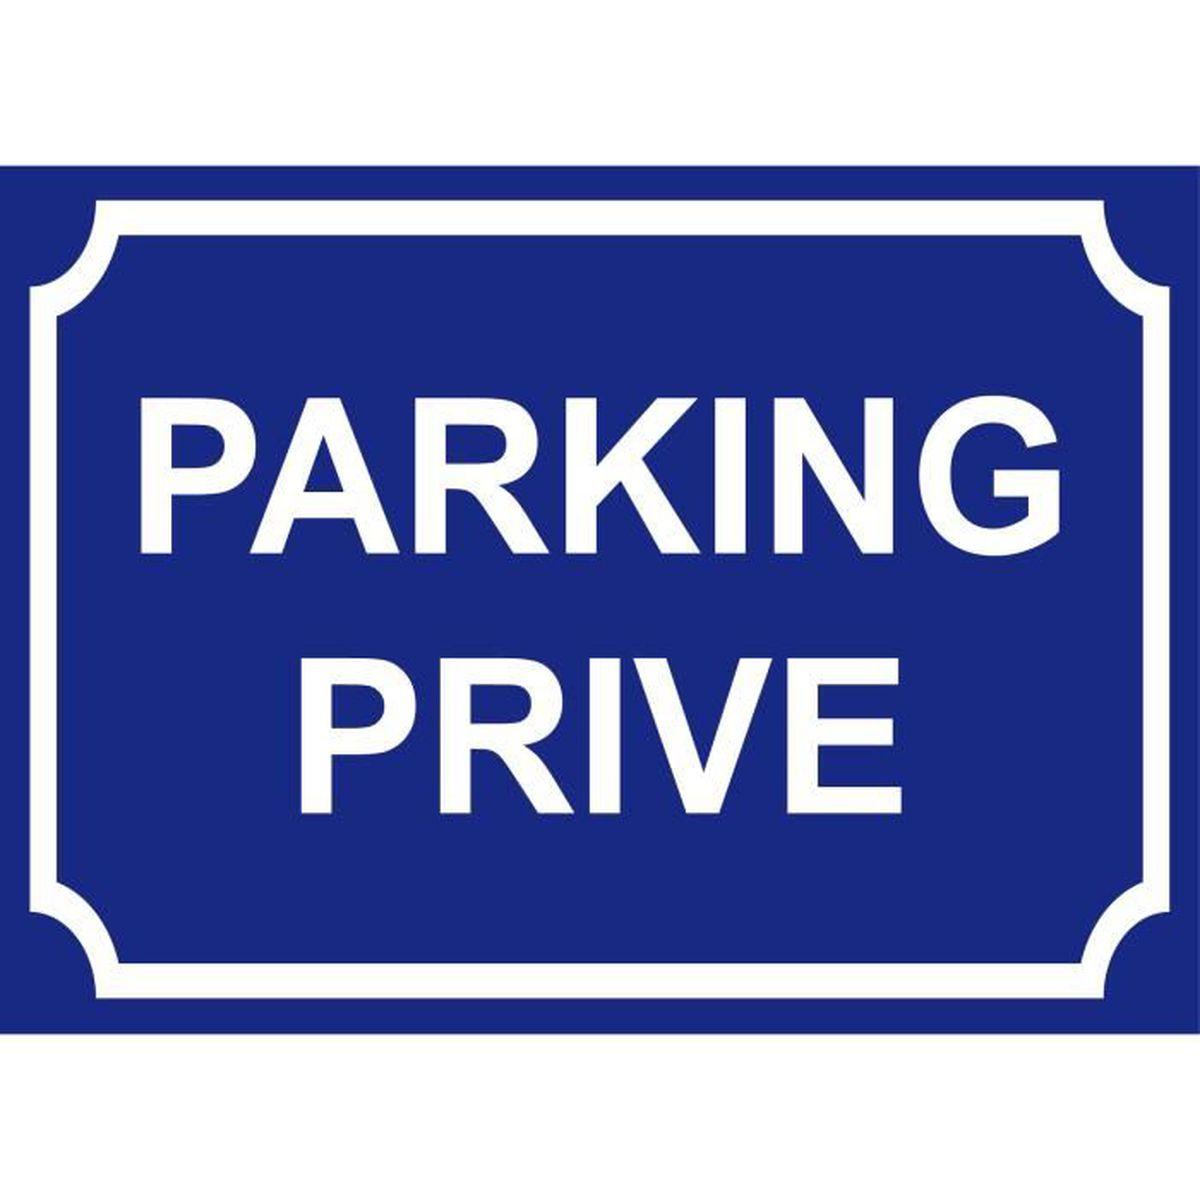 parking prive panneau 300x200mm achat vente panneau ext rieur parking prive panneau 300x2. Black Bedroom Furniture Sets. Home Design Ideas